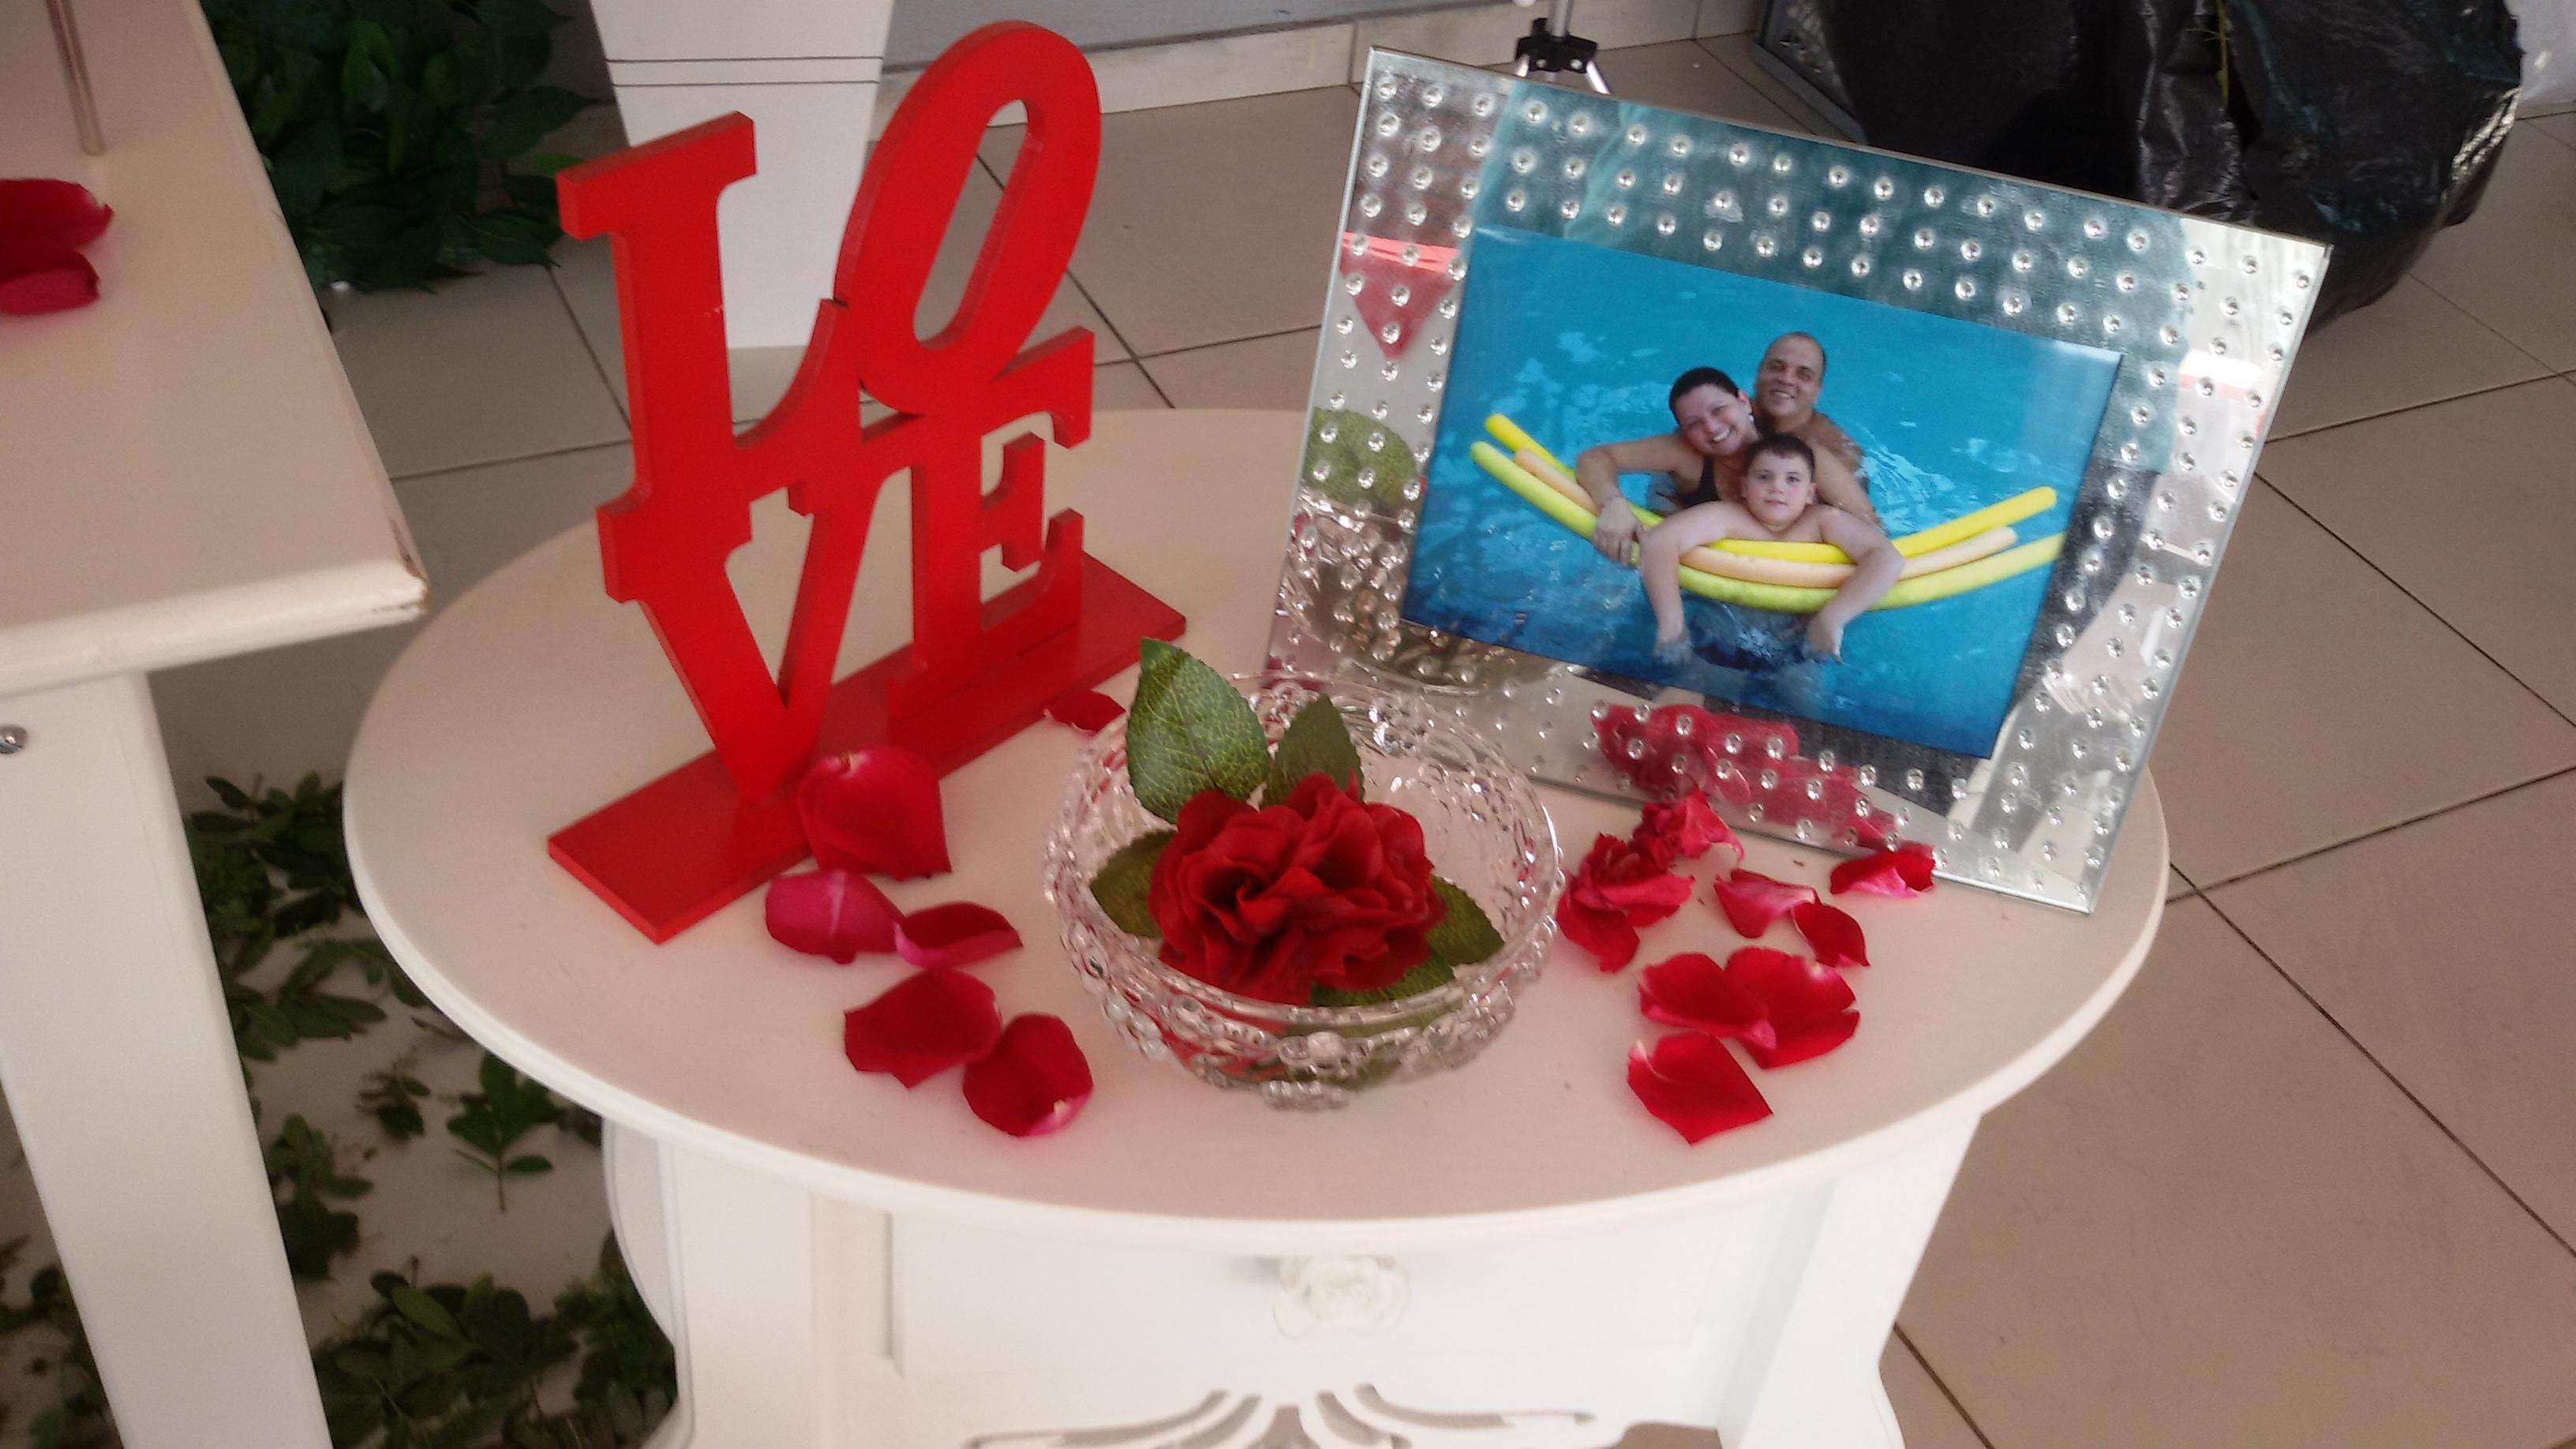 Decoraç u00e3o de Casamento Vermelho e Branco Gih Elo7 -> Decoração De Casamento Simples Vermelho E Branco